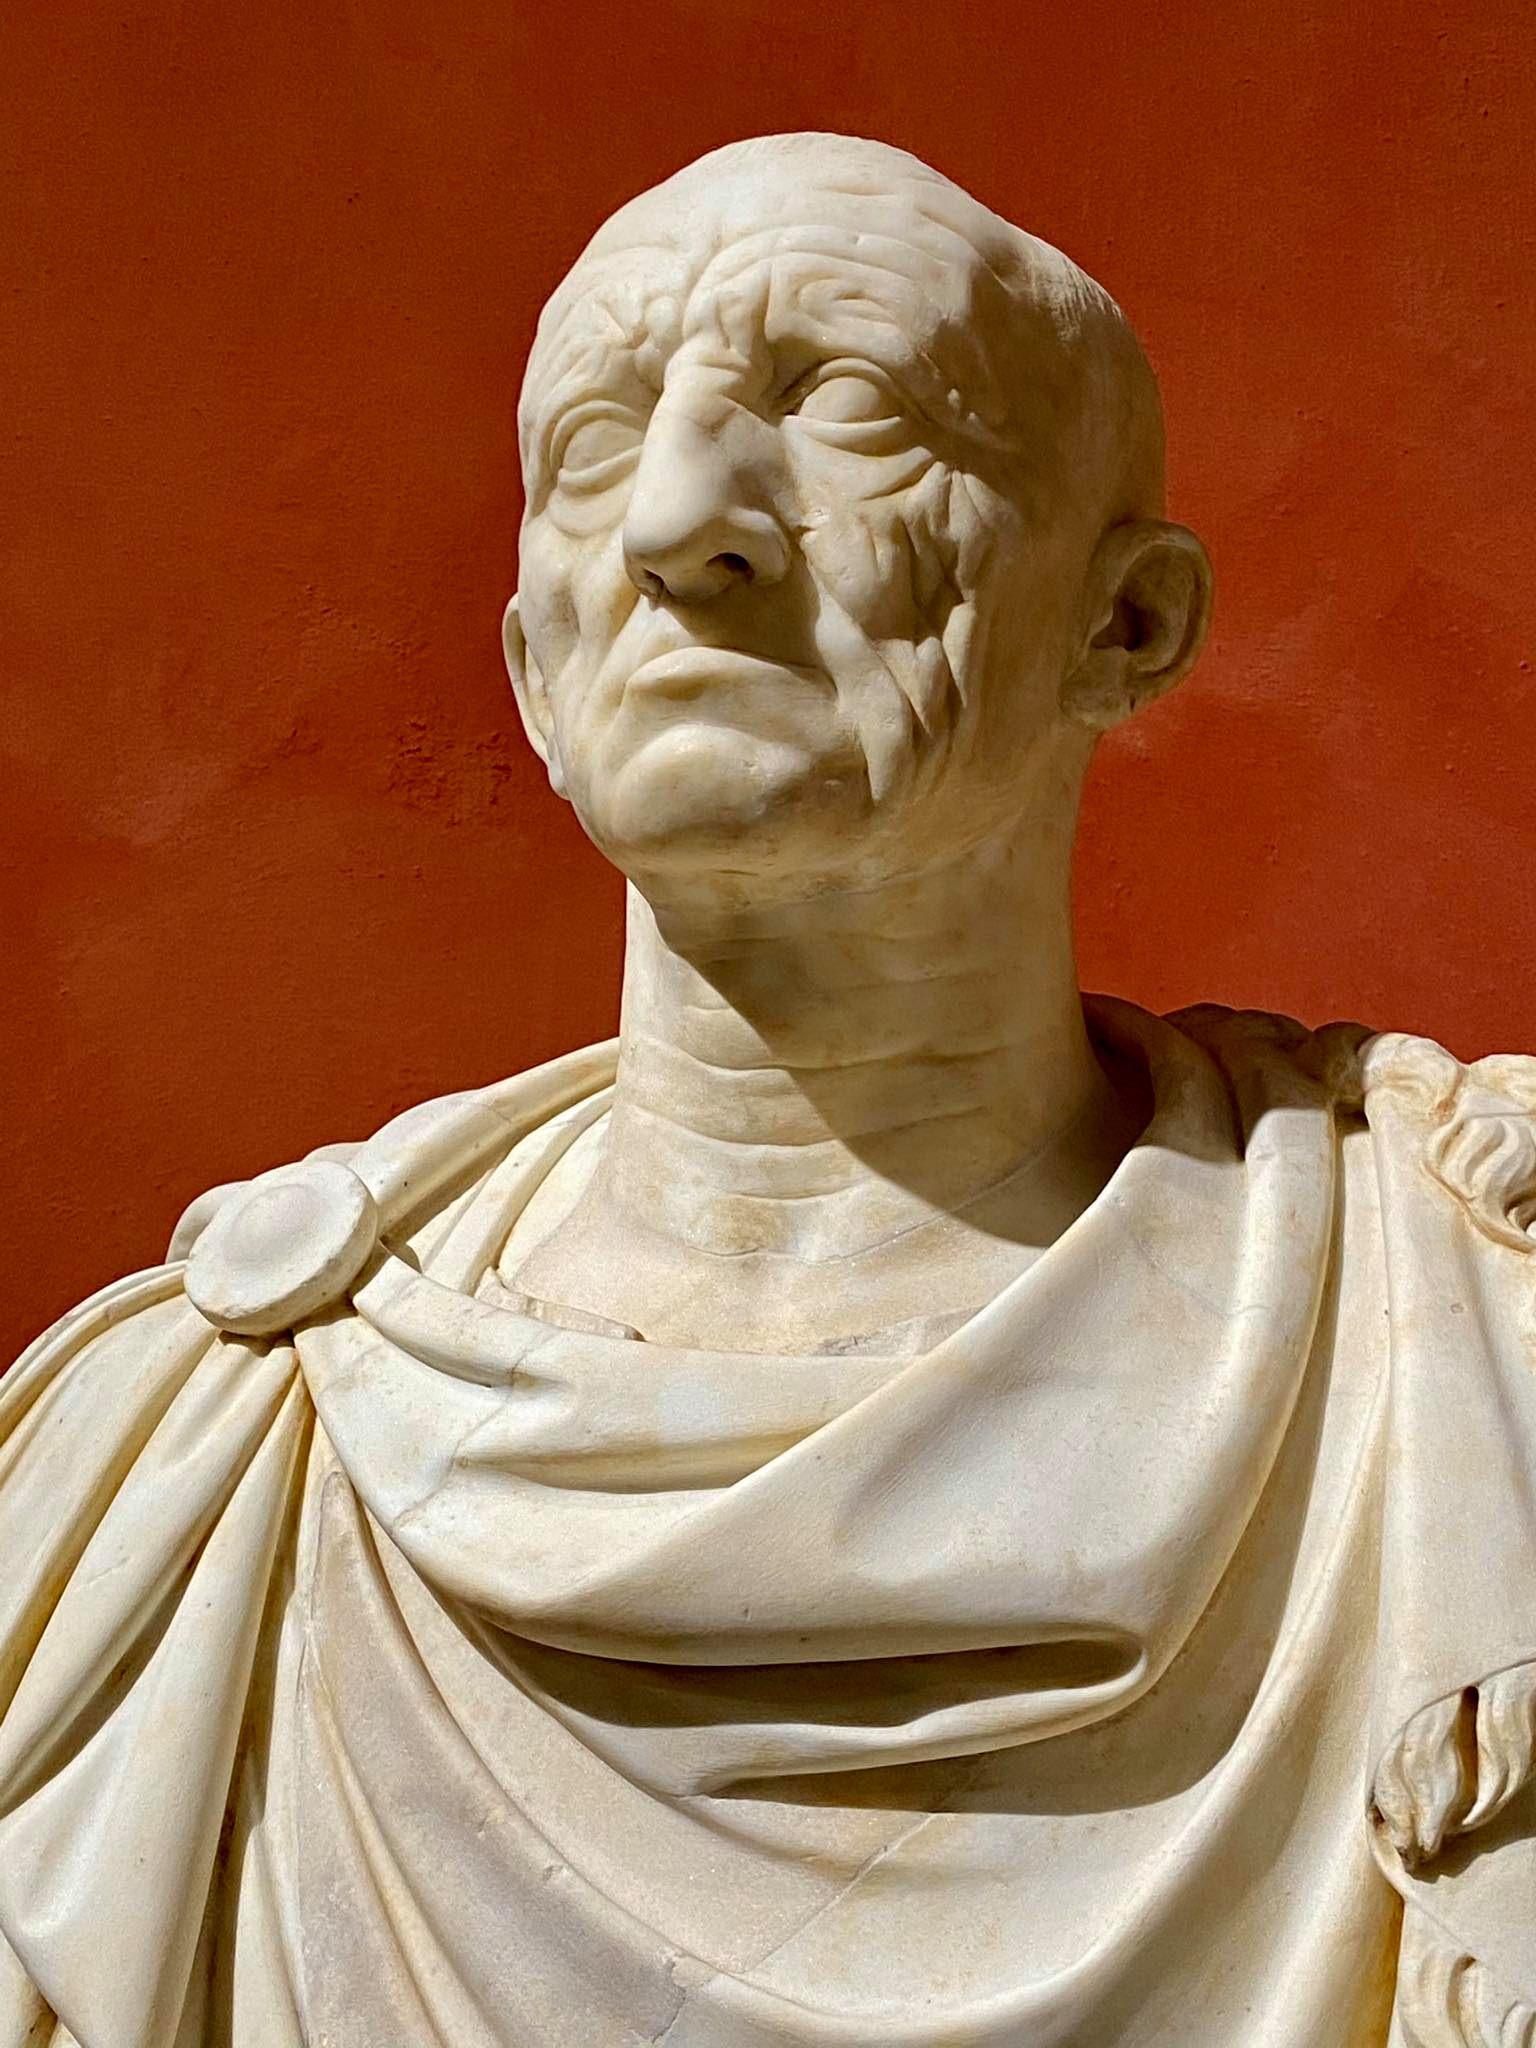 Vecchio busto marmo Otricoli collezione Torlonia